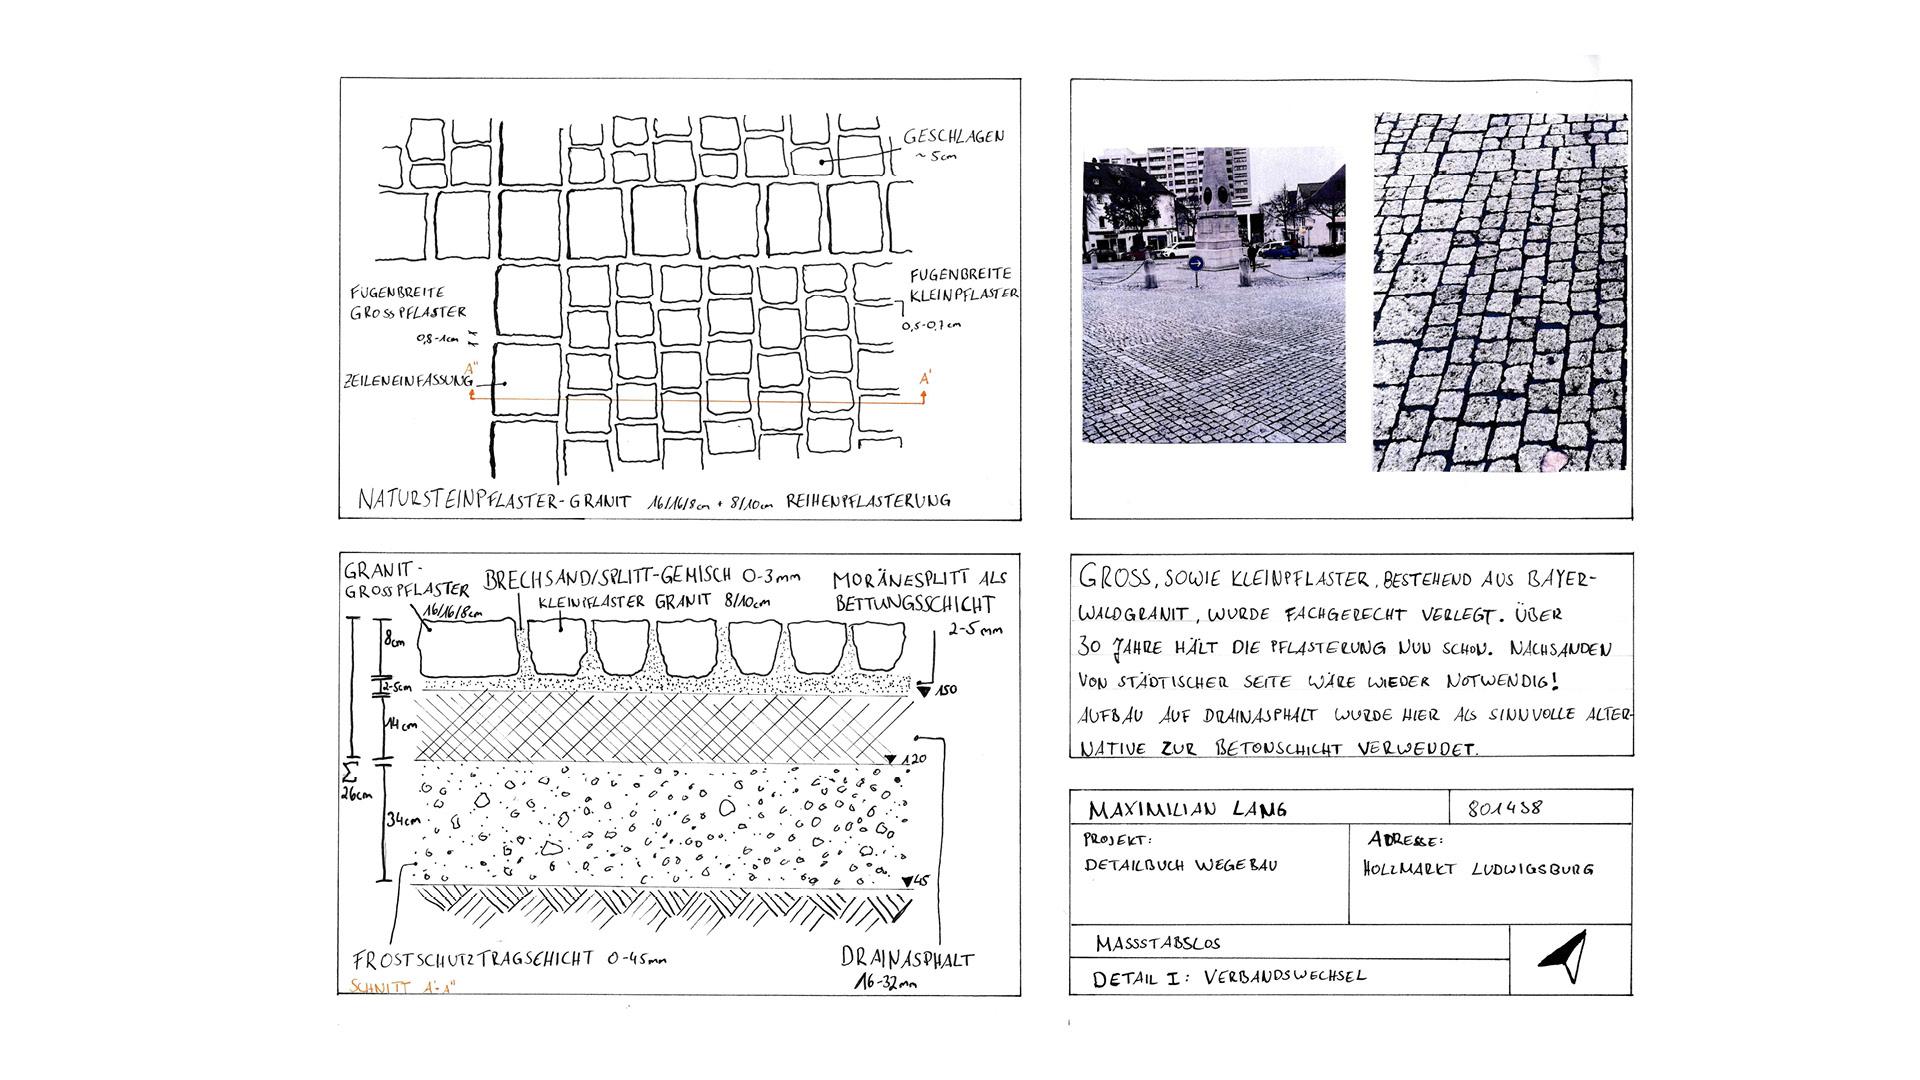 Detailbuch11